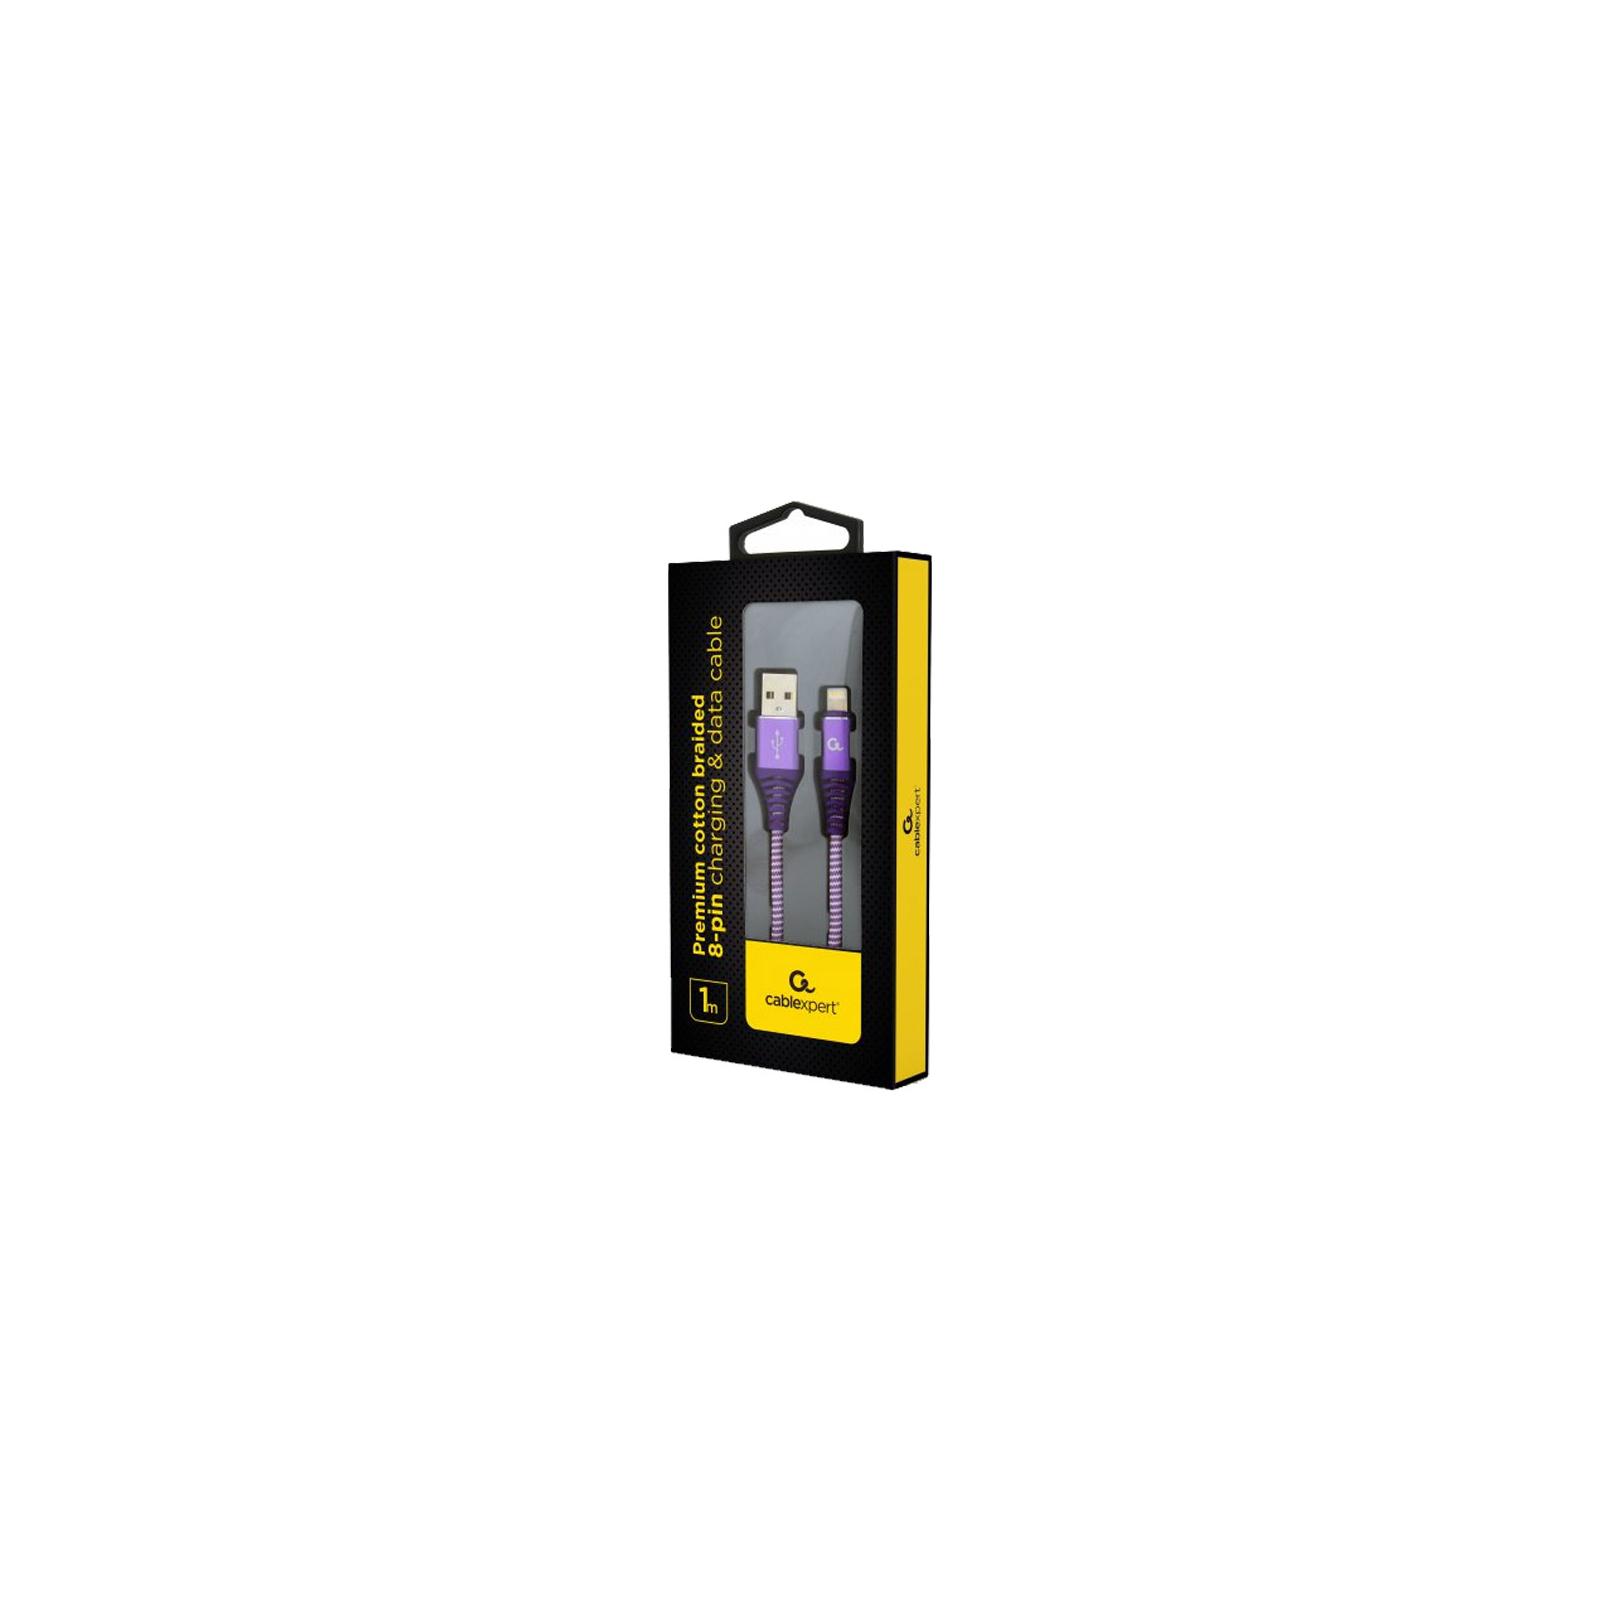 Дата кабель USB 2.0 AM to Lightning 1.0m Cablexpert (CC-USB2B-AMLM-1M-BW) изображение 2